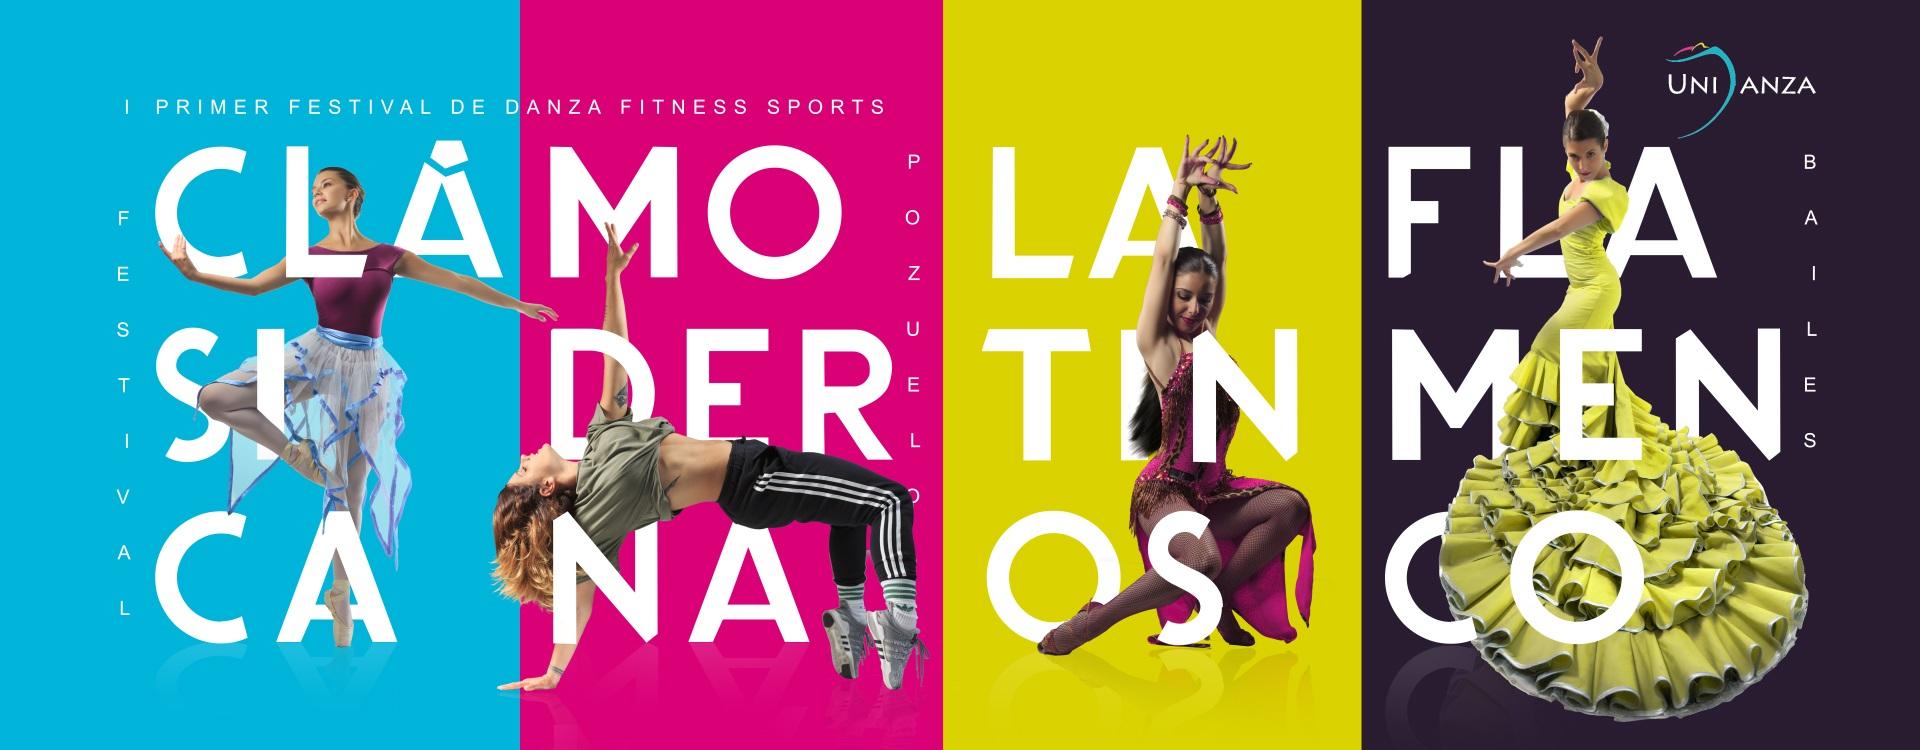 I Festival de Danza Fitness Sports Banner PerfectPixel Publicidad